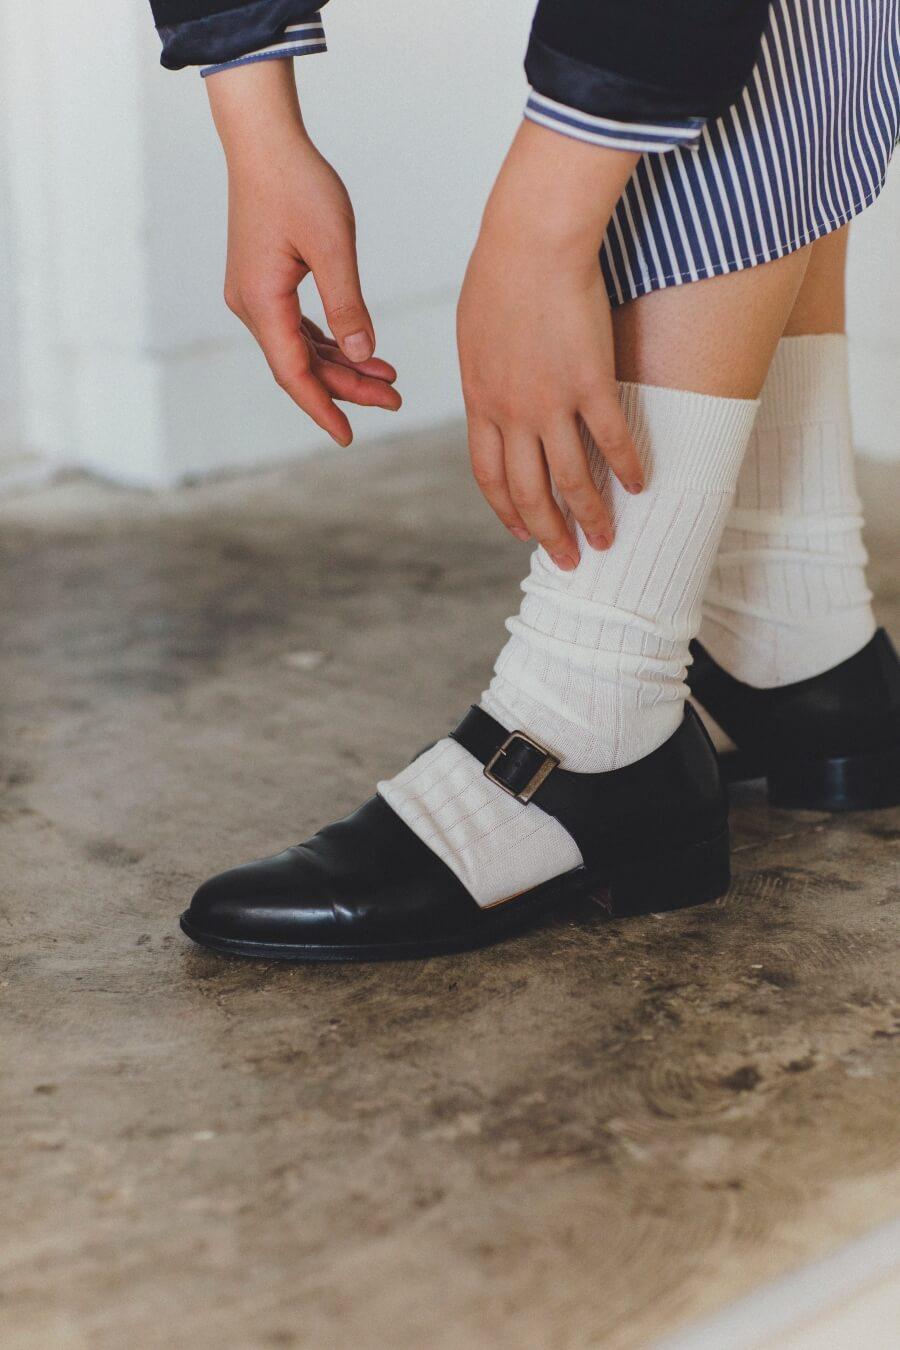 当たりつきギフト専用靴下のLUCKY SOCKS(ラッキーソックス)のLight Rib Socks(ライトリブソックス)のオフホワイト_image2